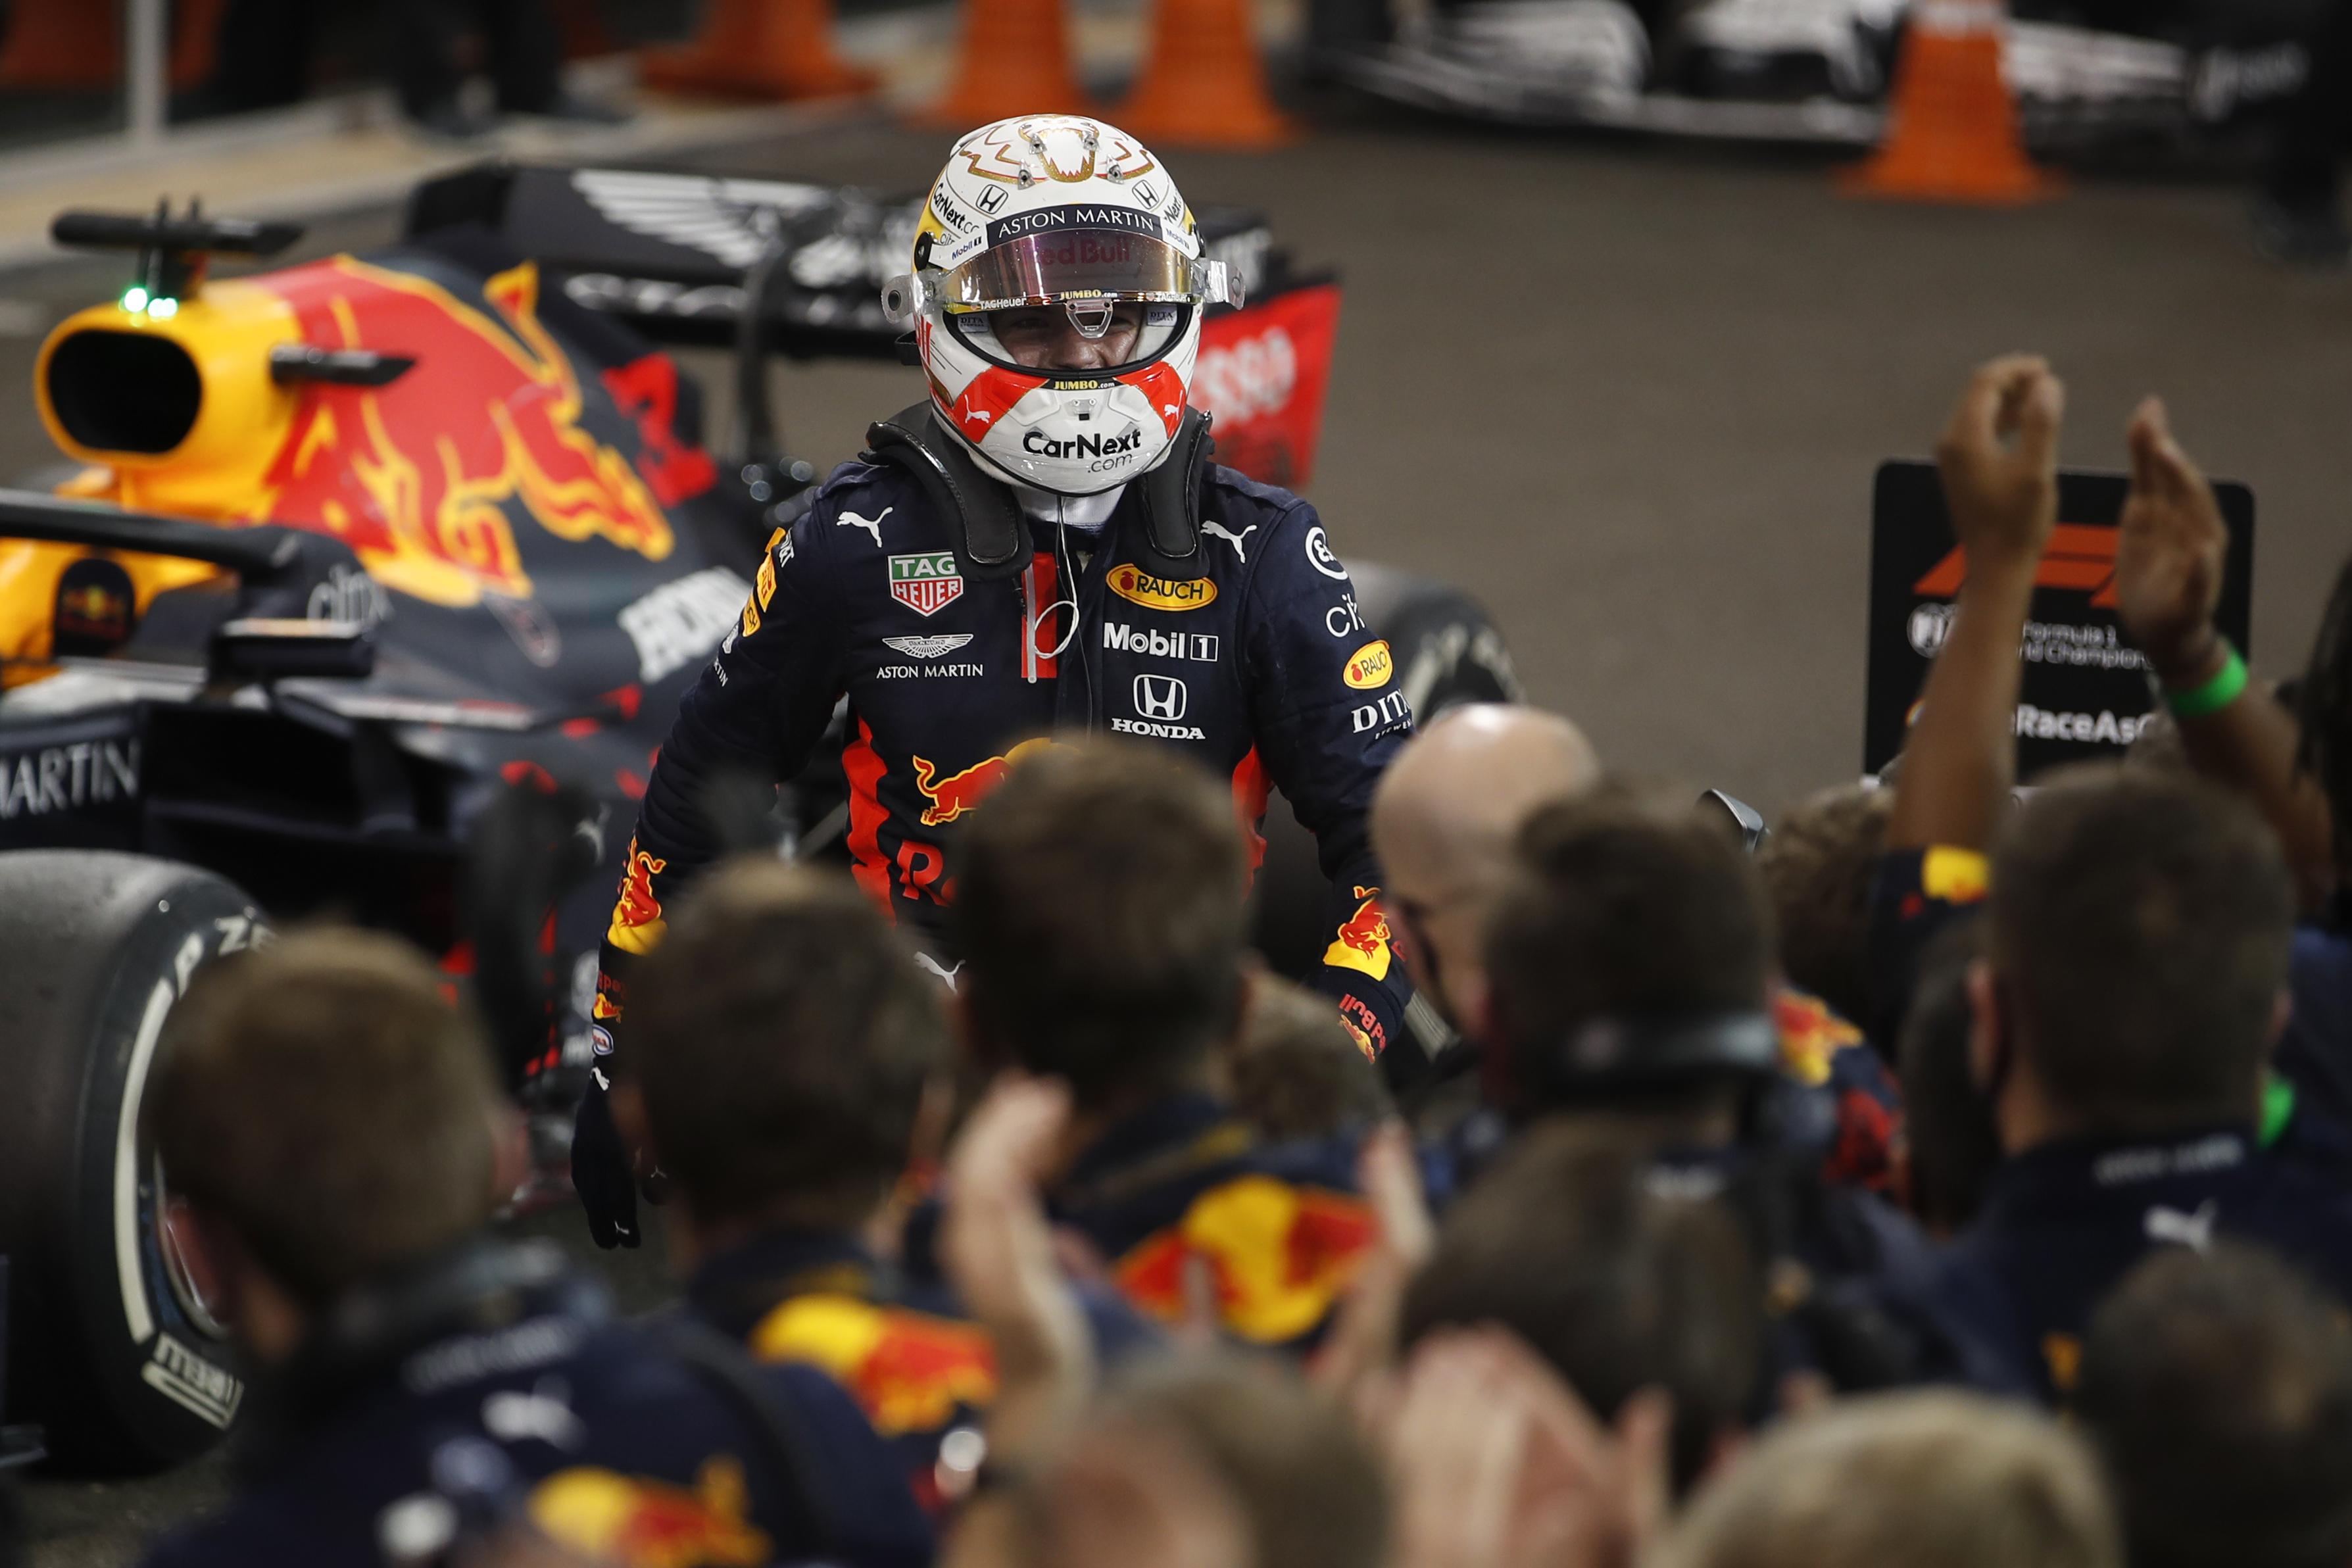 Verstappen gana el último GP de la temporada de Fórmula 1 en Abu Dabi